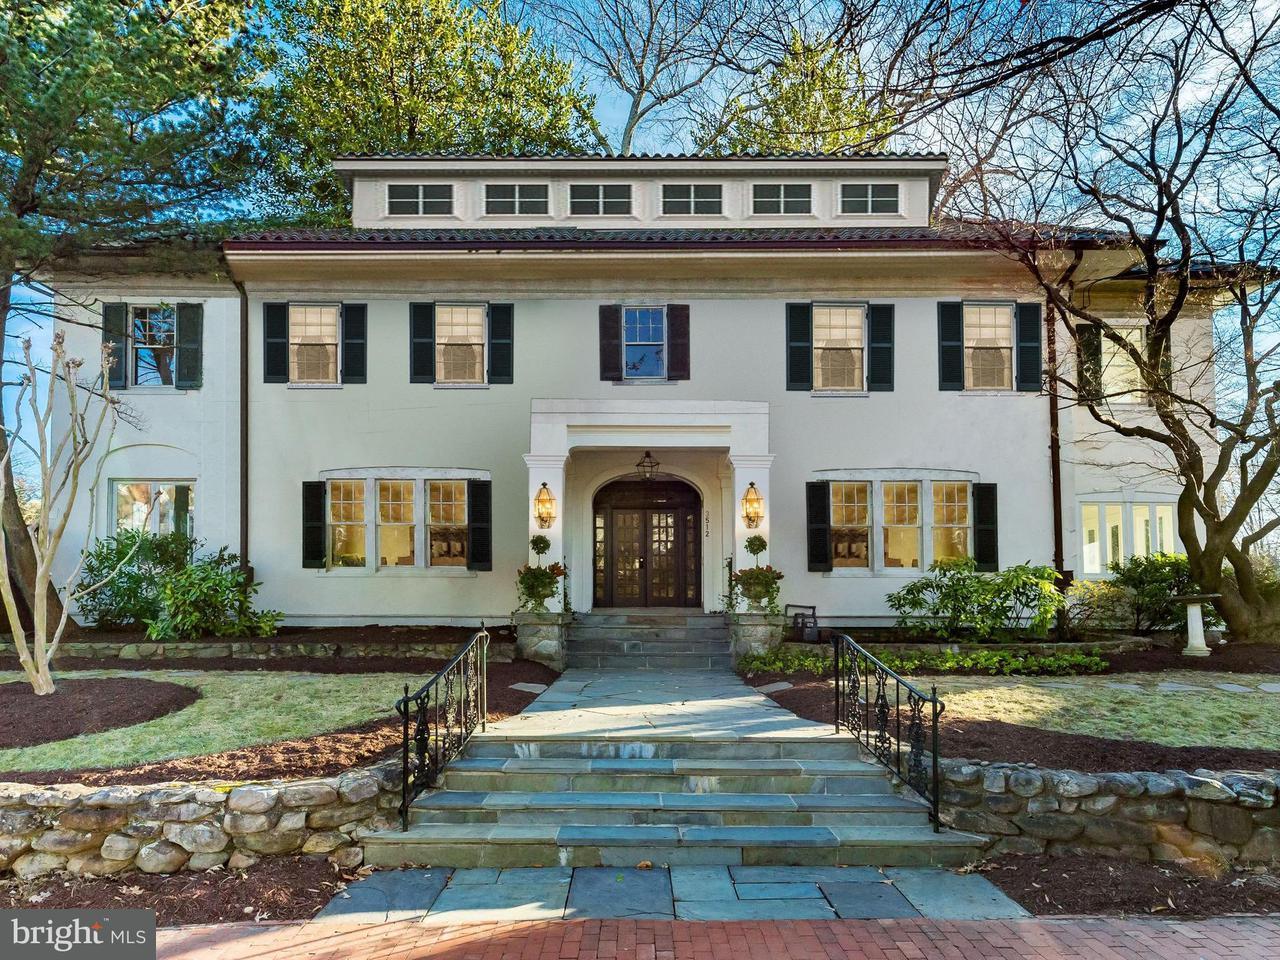 一戸建て のために 売買 アット 3512 Lowell St Nw 3512 Lowell St Nw Washington, コロンビア特別区 20016 アメリカ合衆国